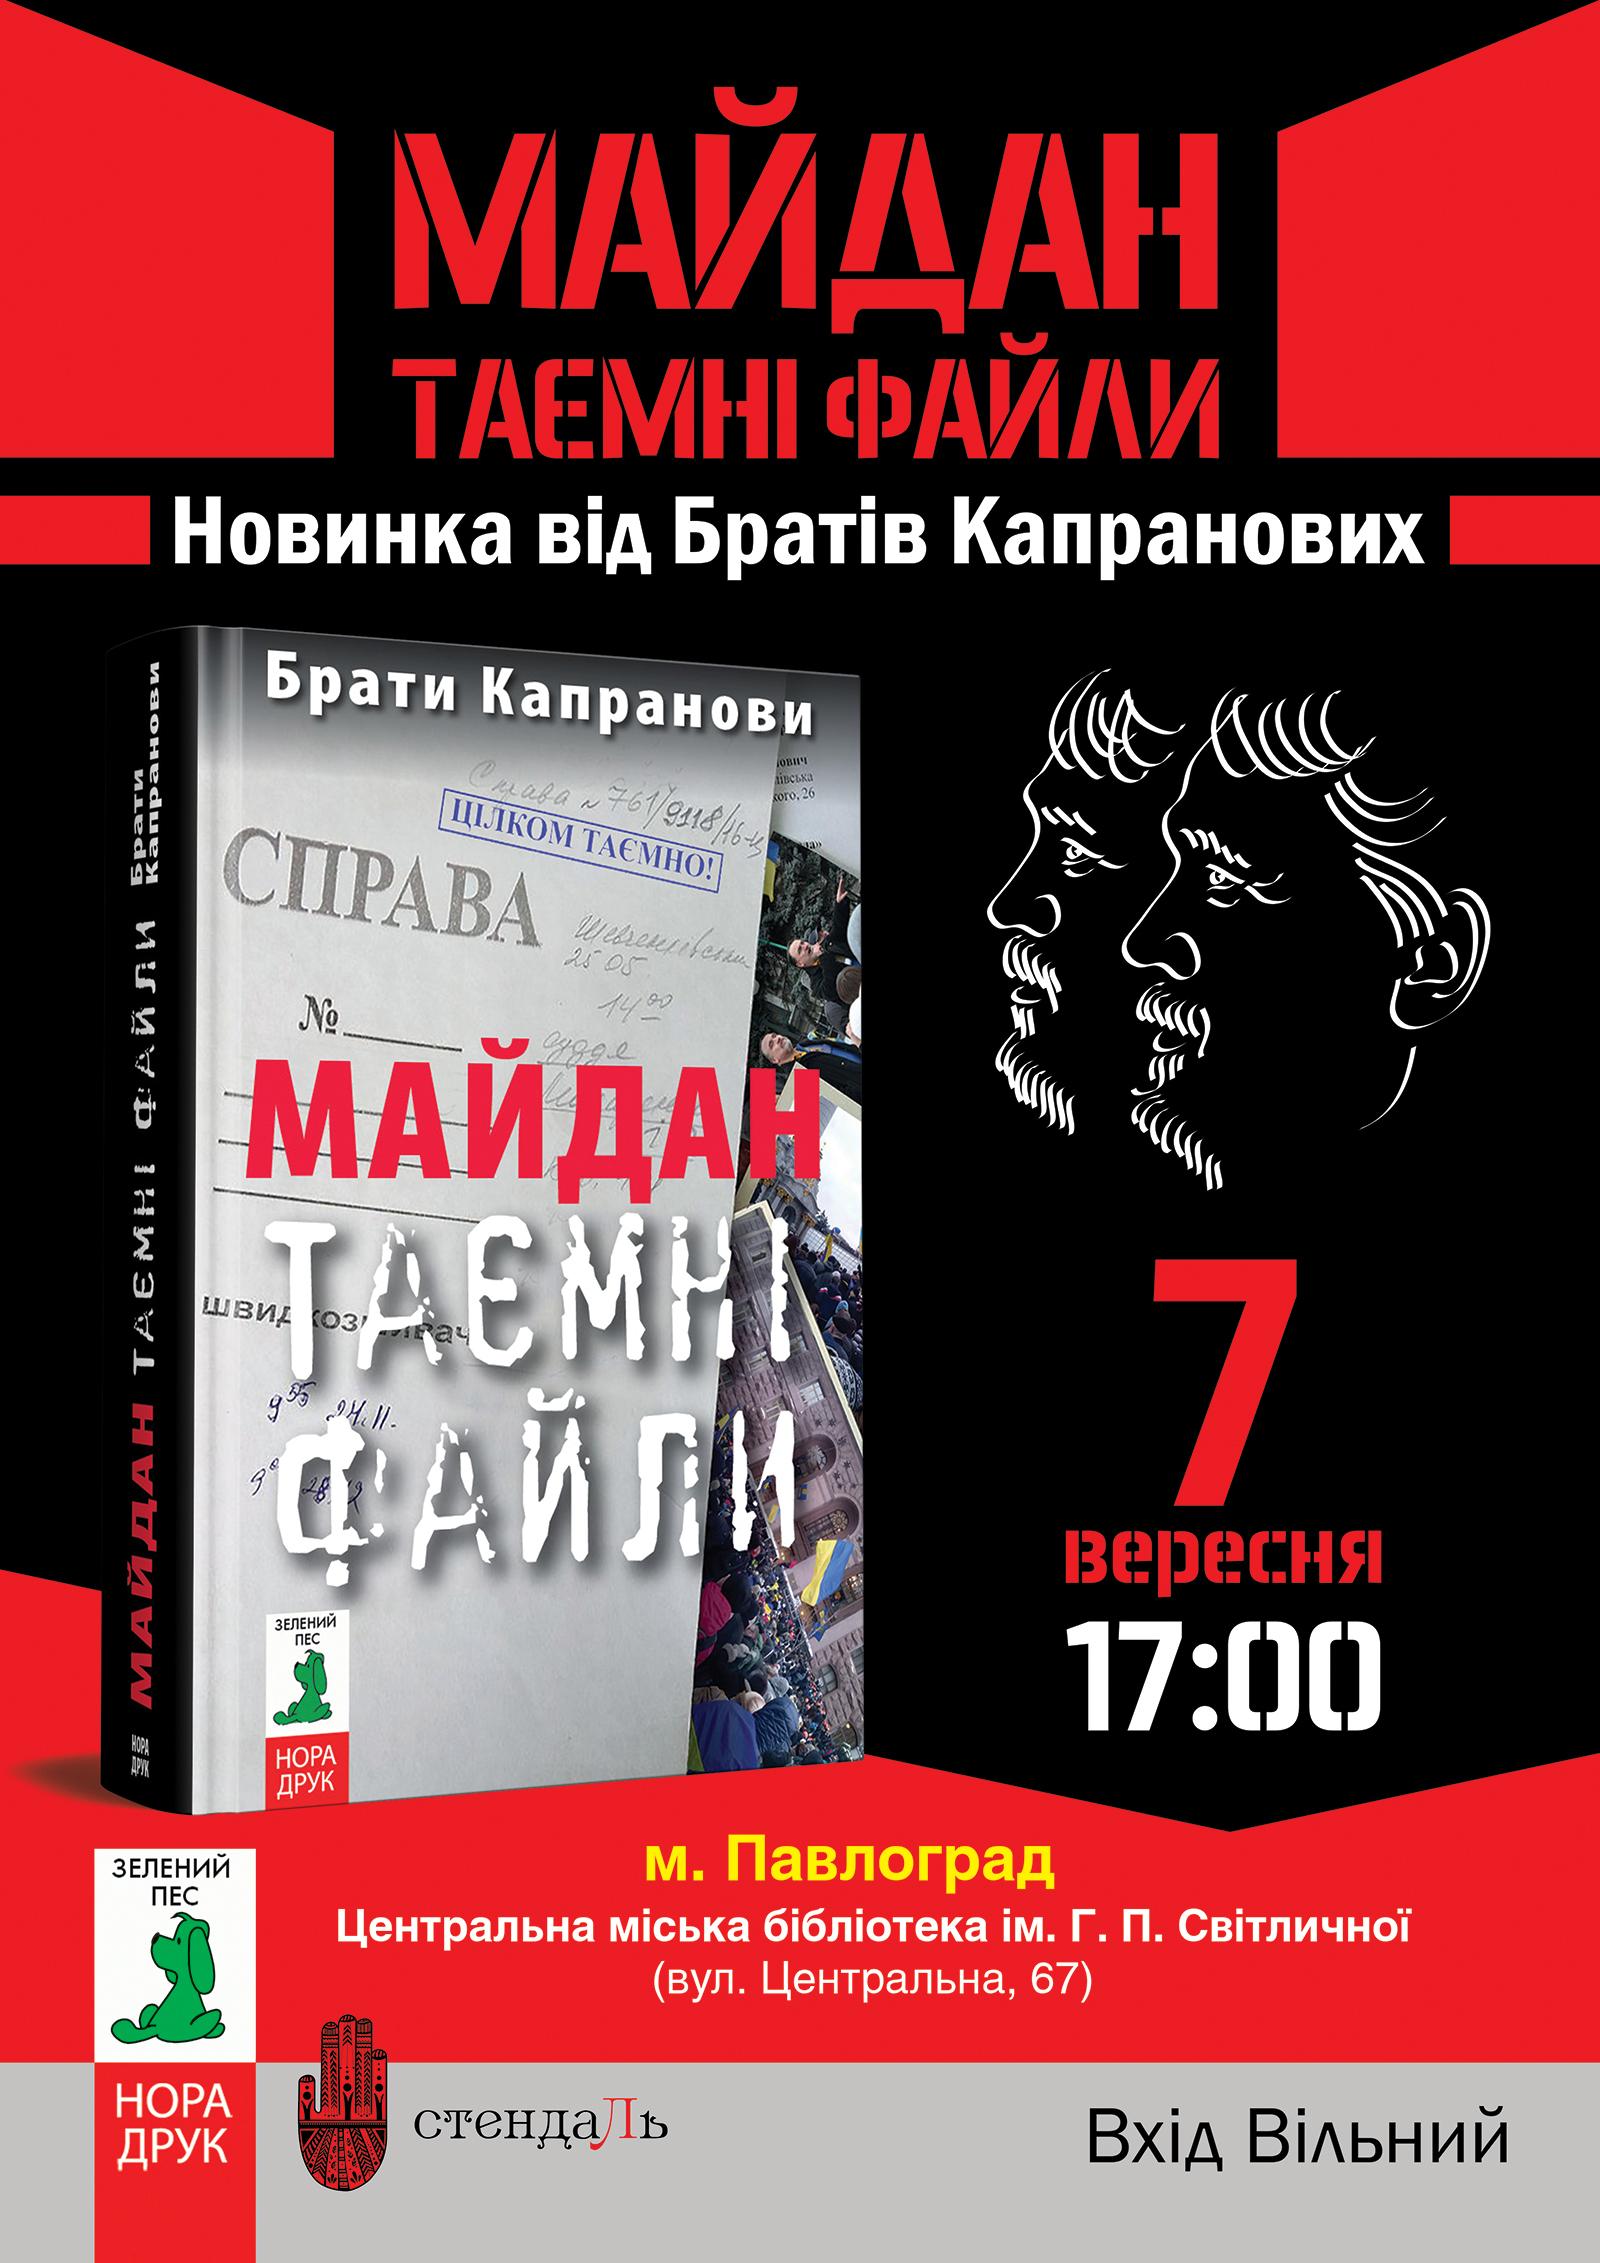 Майдан Таємні файли презентація Павлоград_prew